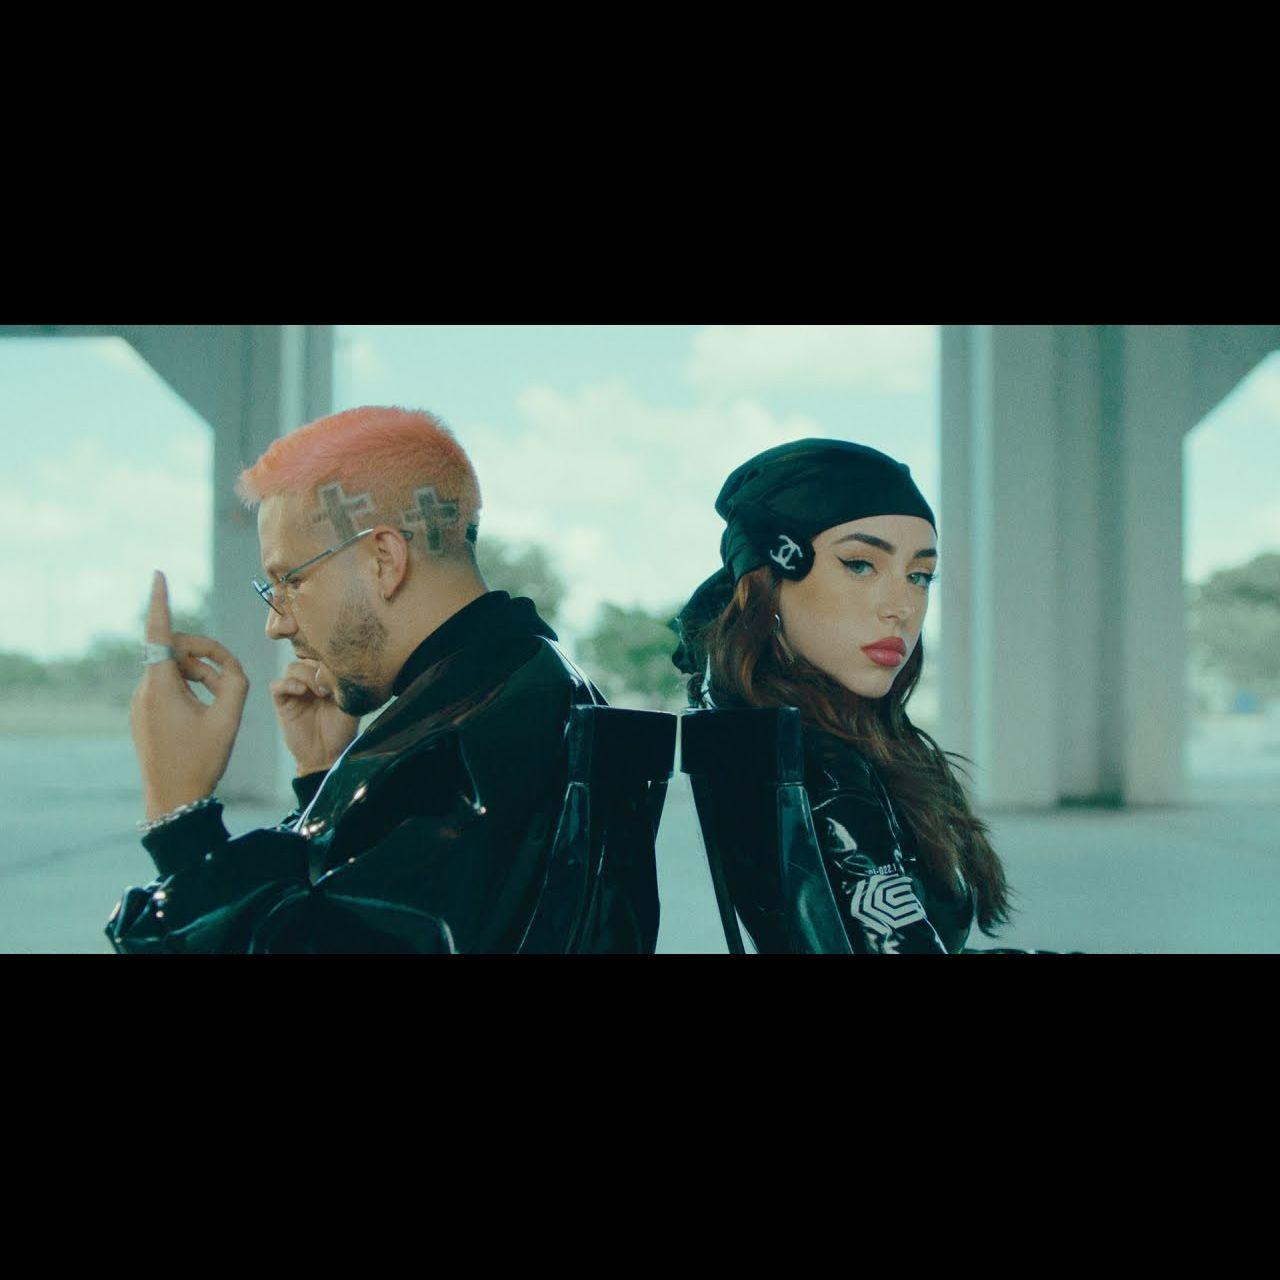 Nicki Nicole - Toa la vida (ft. Mora) (Thumbnail)